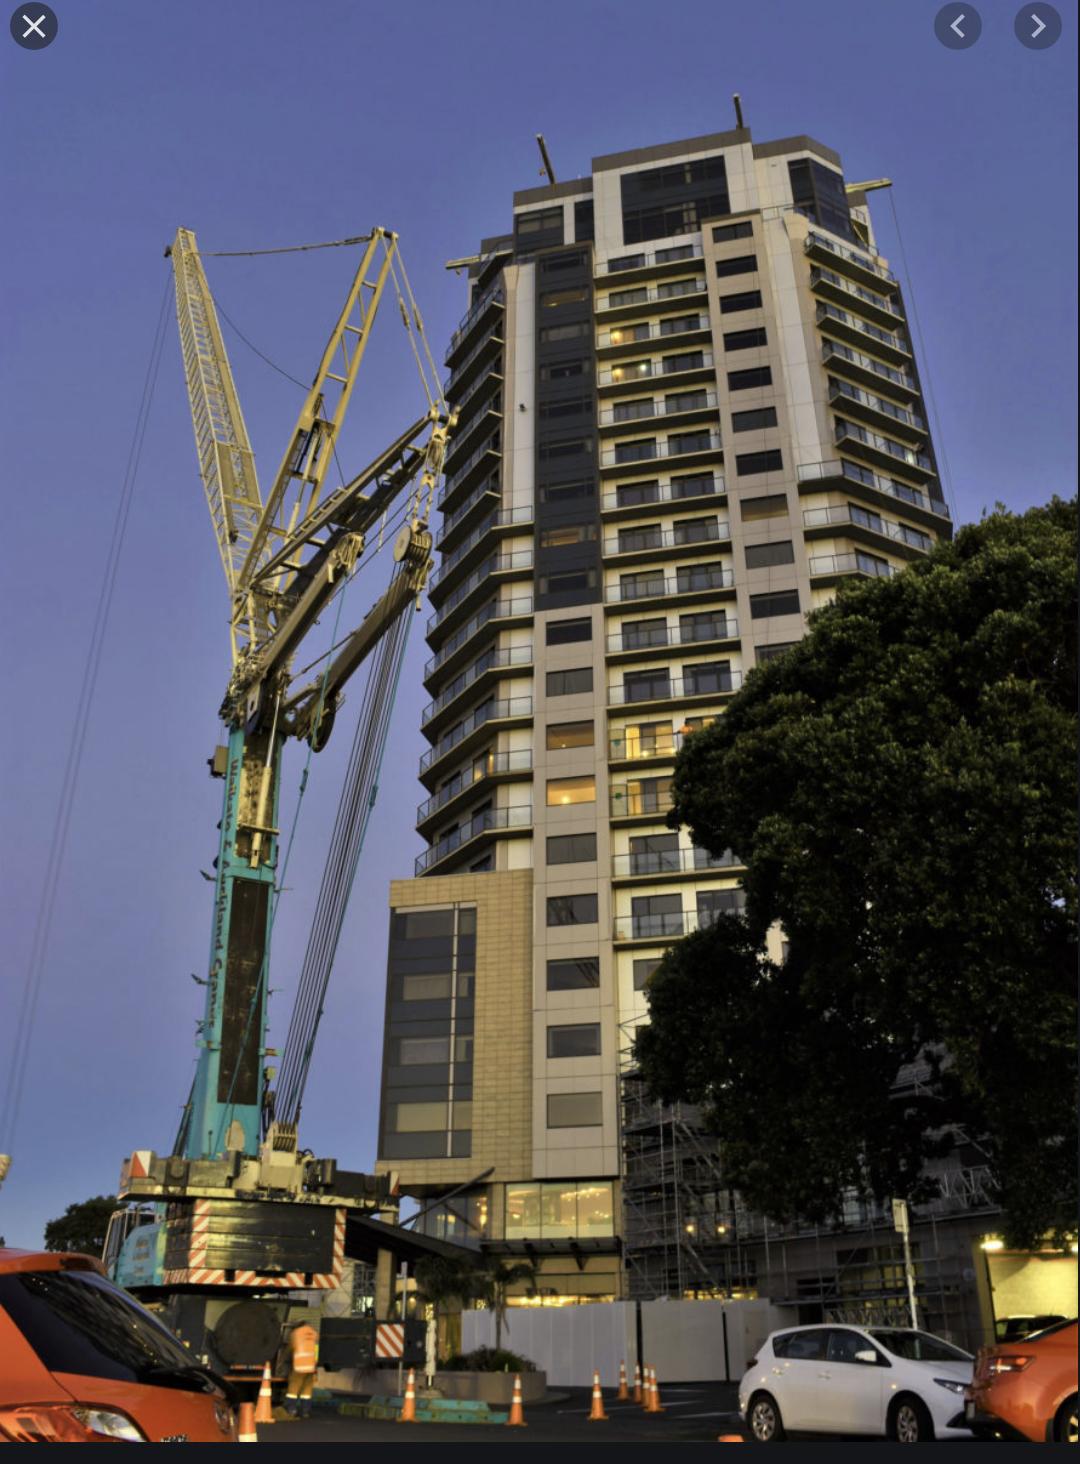 Brosnan Construction